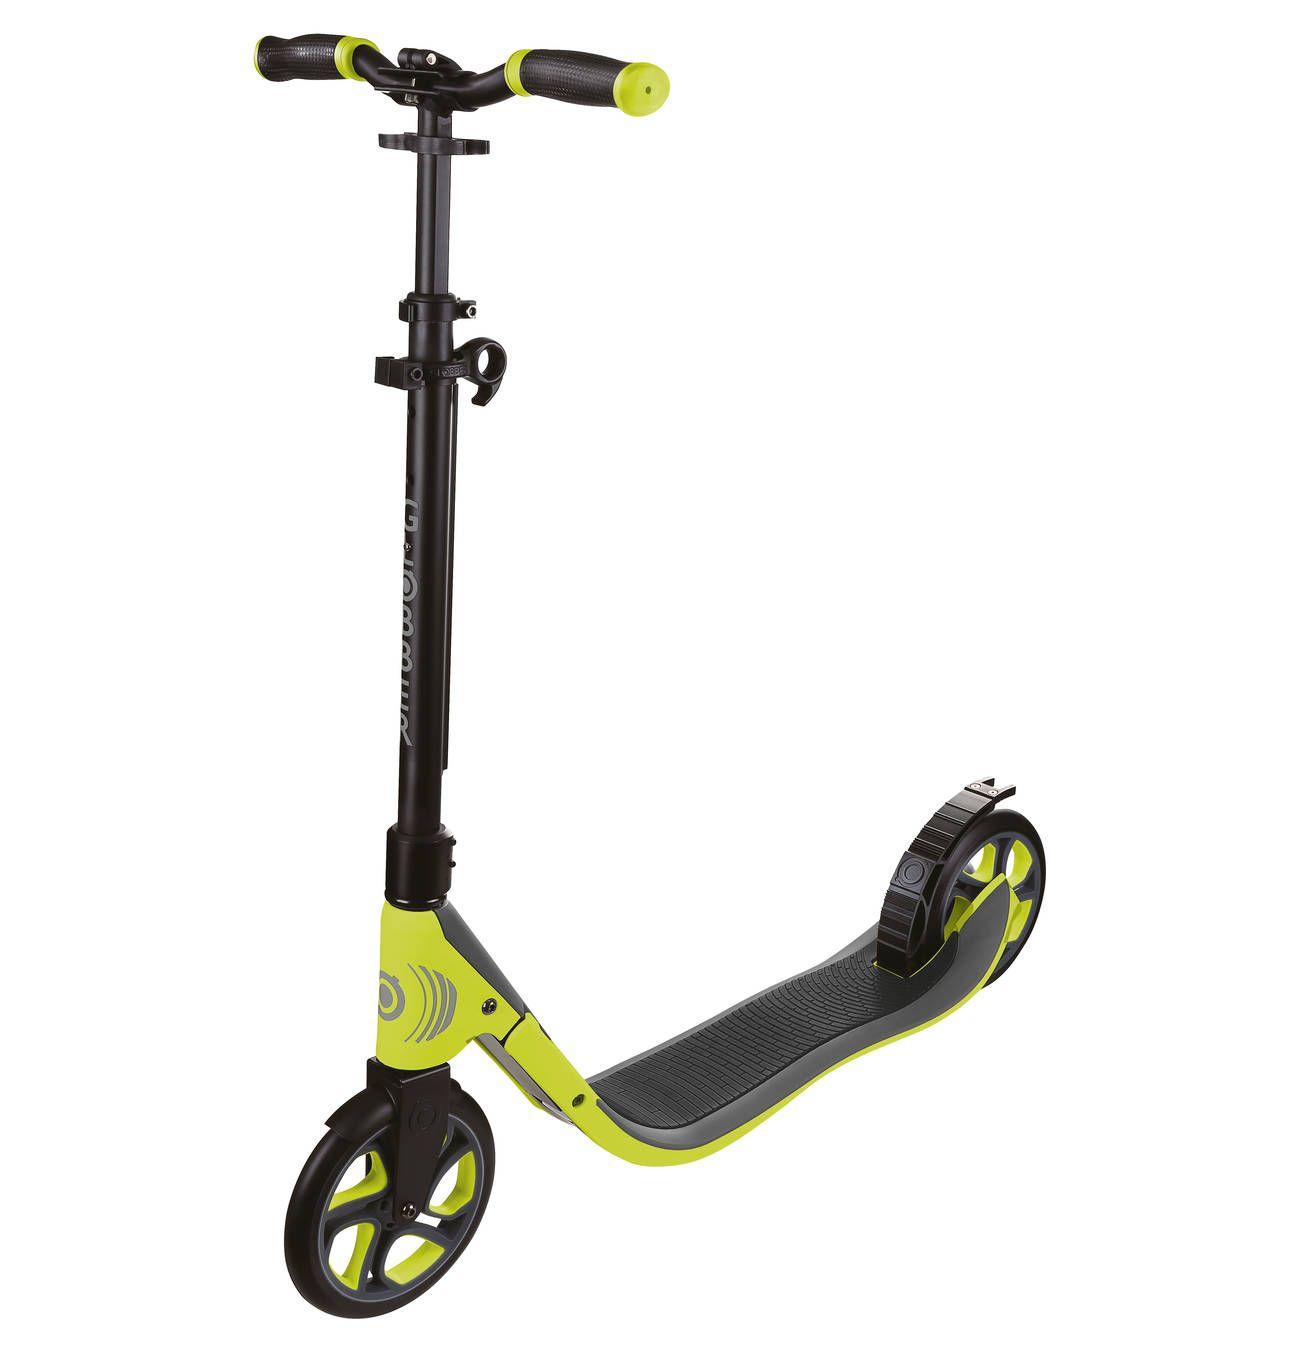 scooter one nl 205 skaten roller. Black Bedroom Furniture Sets. Home Design Ideas